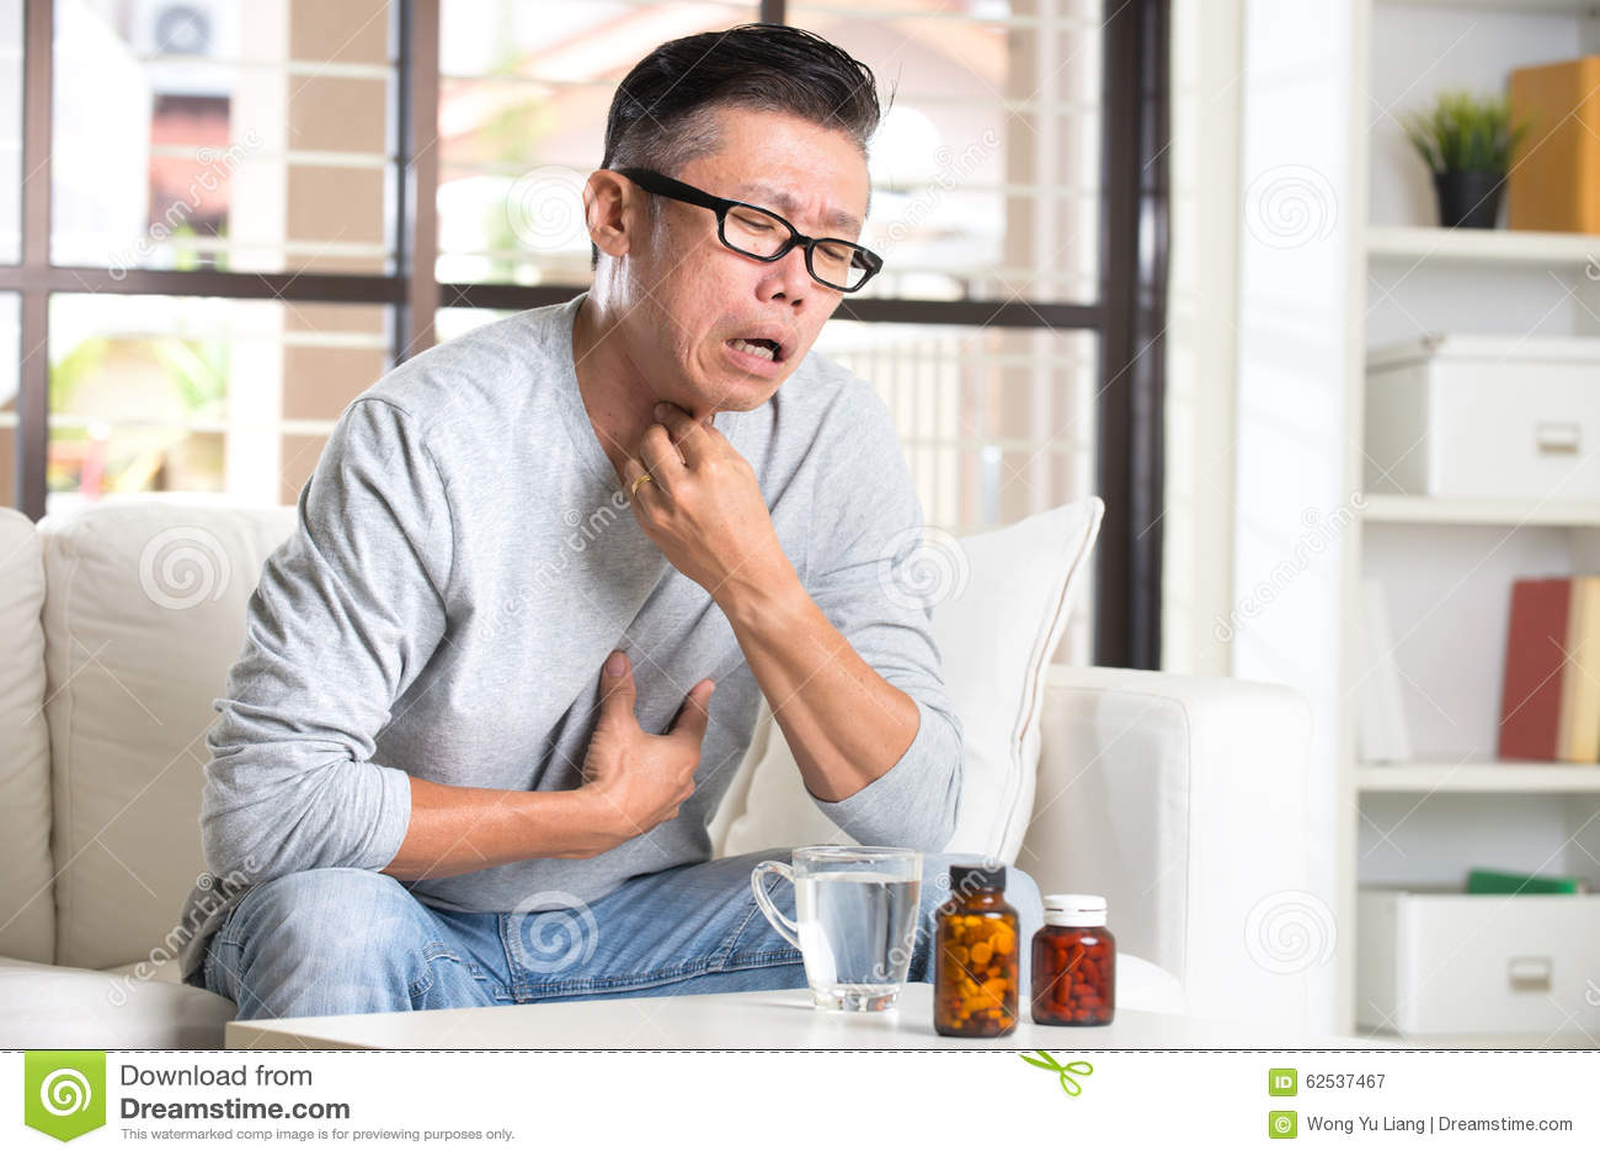 充满喉头痛苦的亚裔前辈